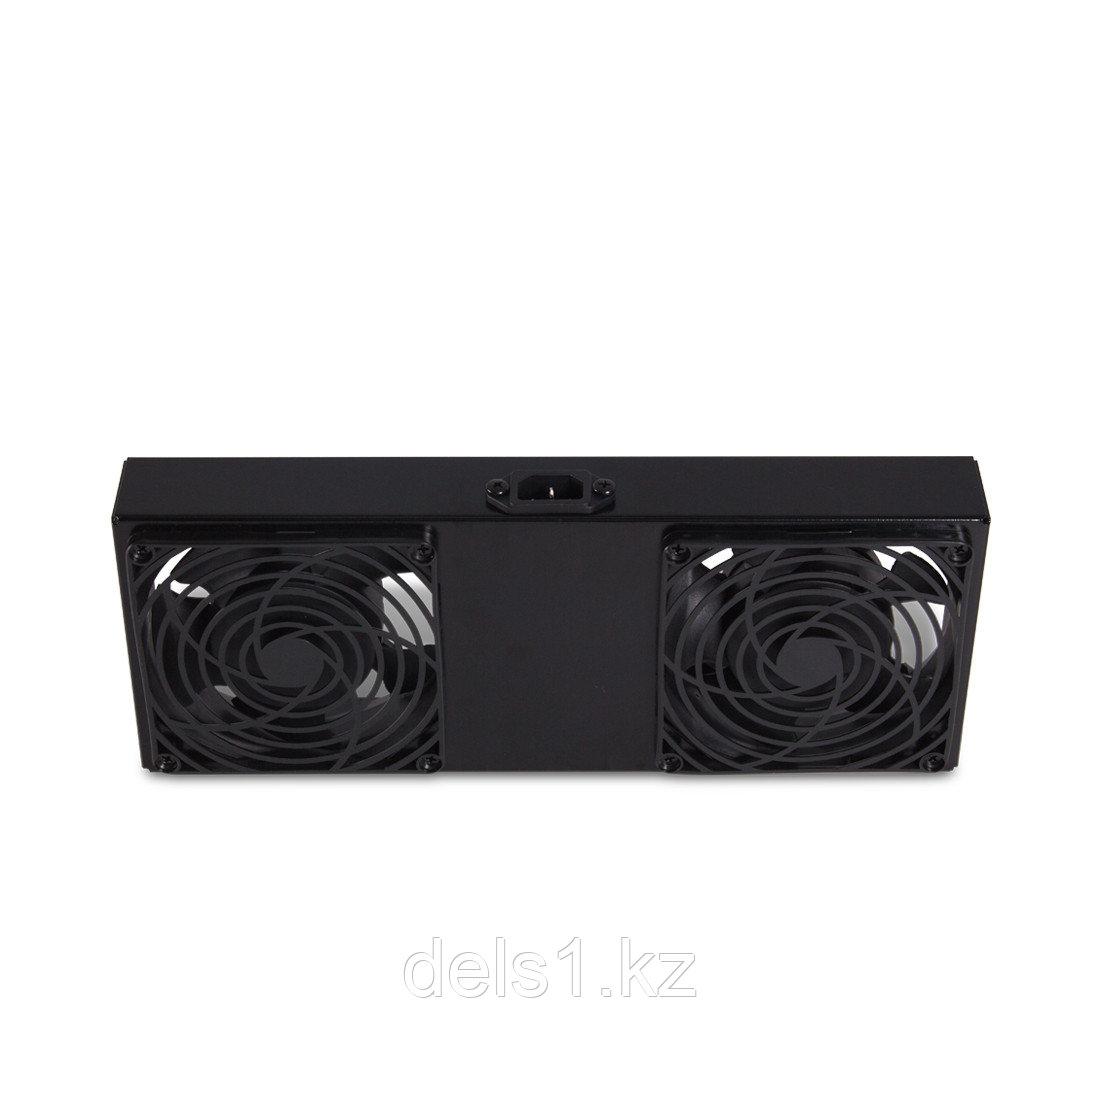 Вентиляторная панель для шкафов SE серии, SHIP, 701024002, 2 x 12 см, Питание 220V, Чёрный